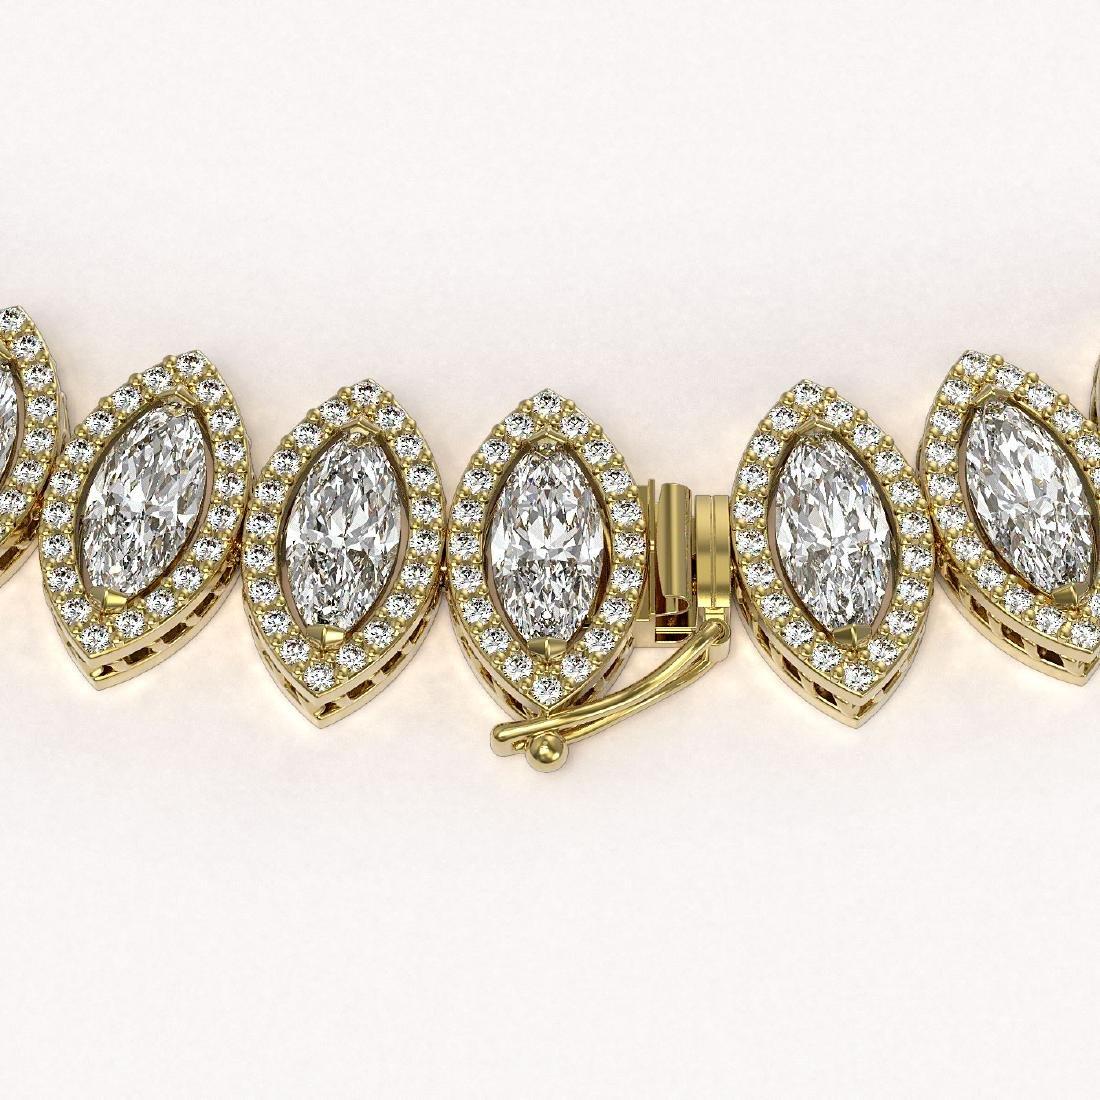 47.12 CTW Marquise Diamond Designer Necklace 18K Yellow - 3